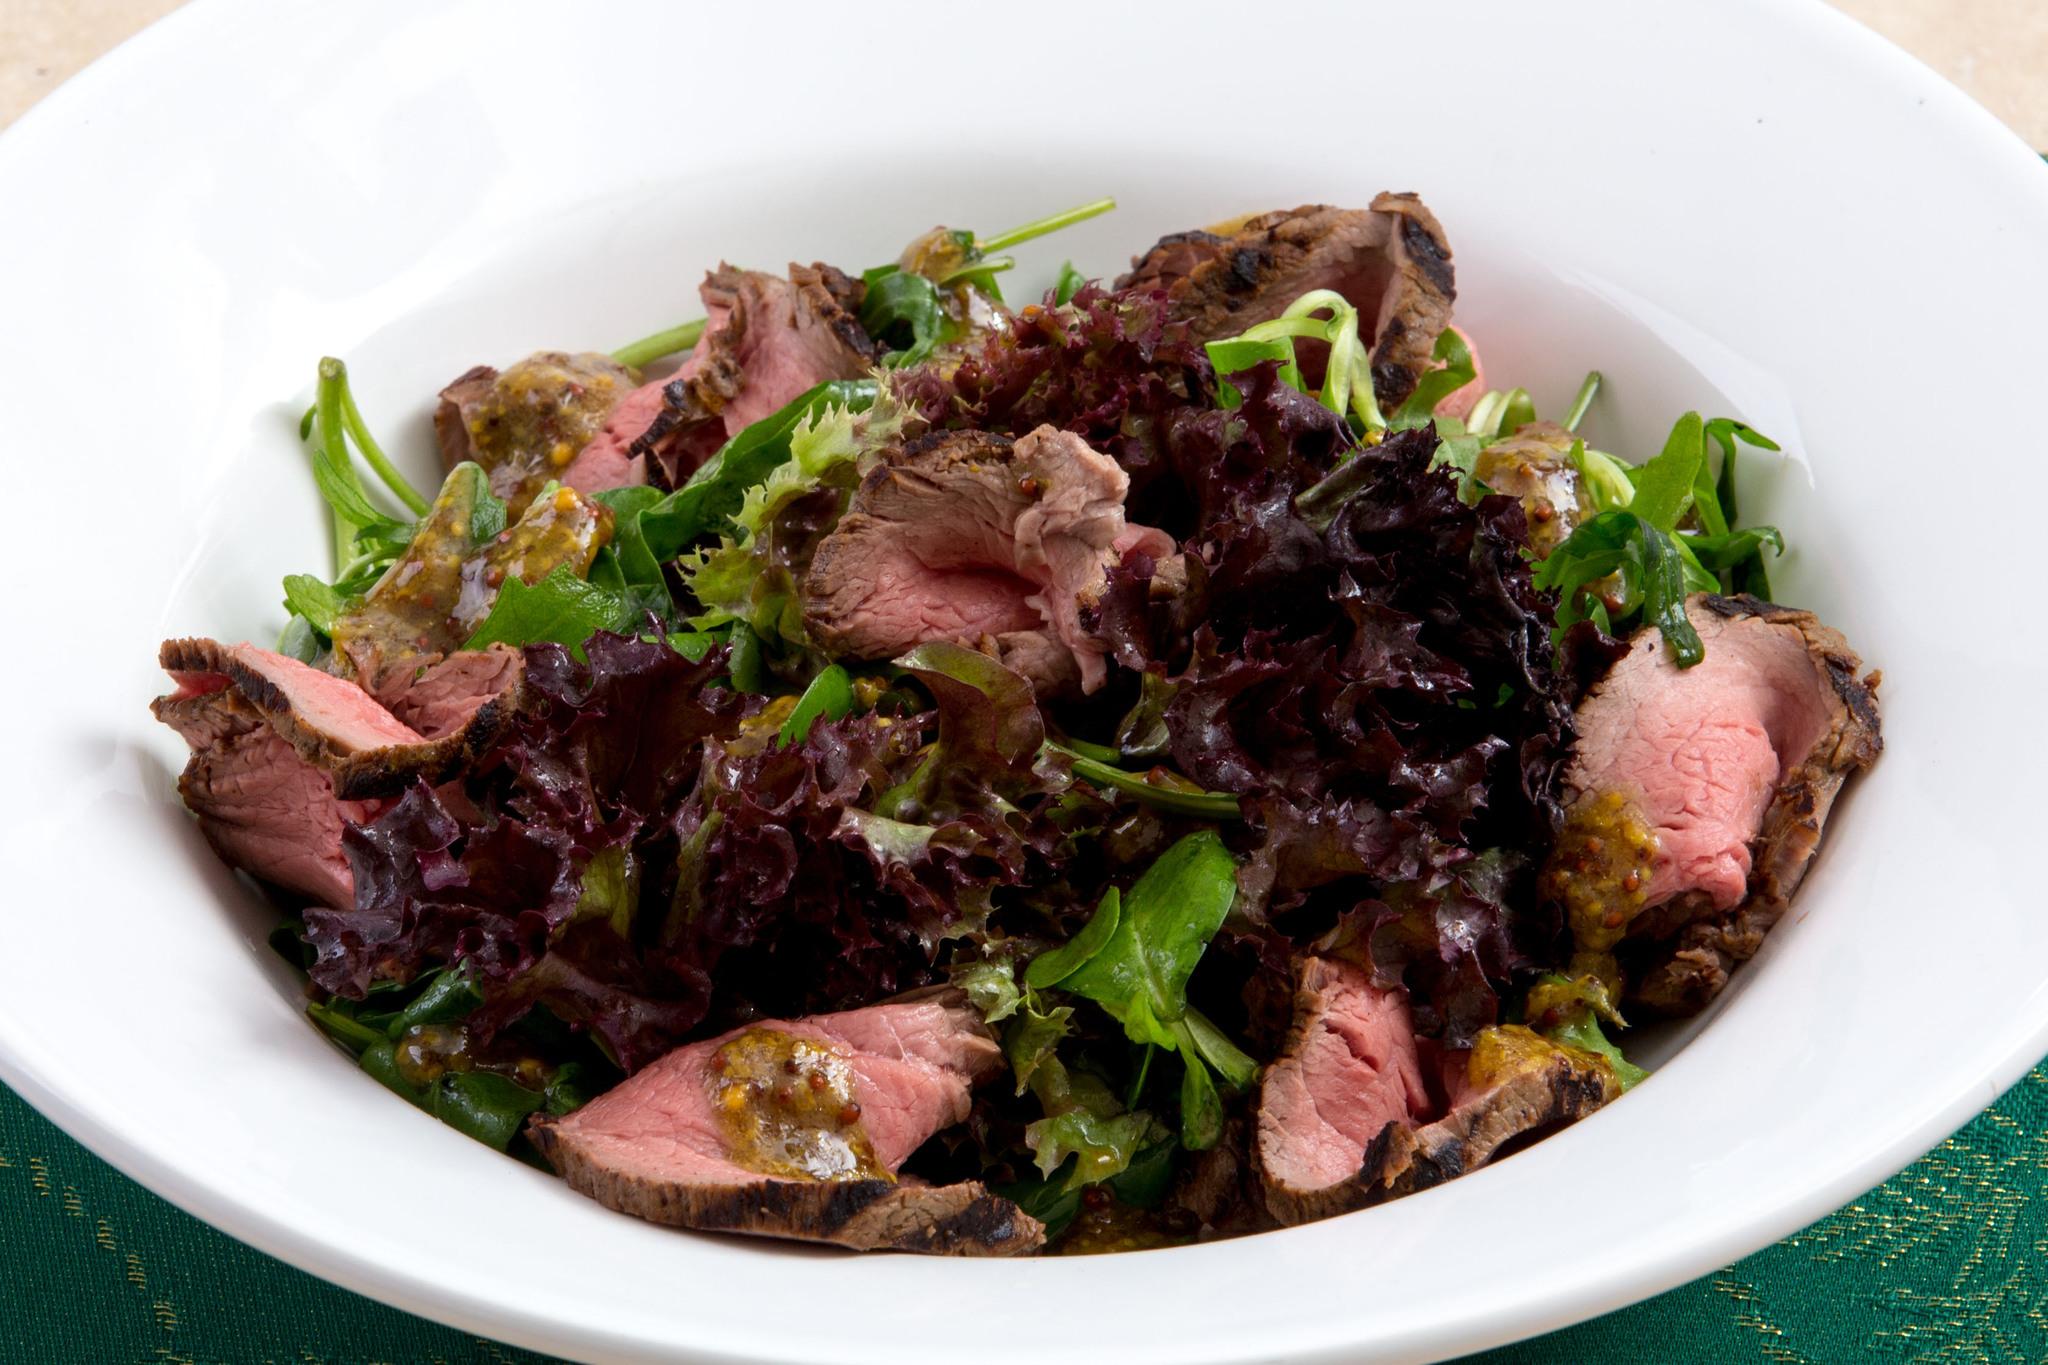 Классический ростбиф с миксом салатов и горчичной заправкой